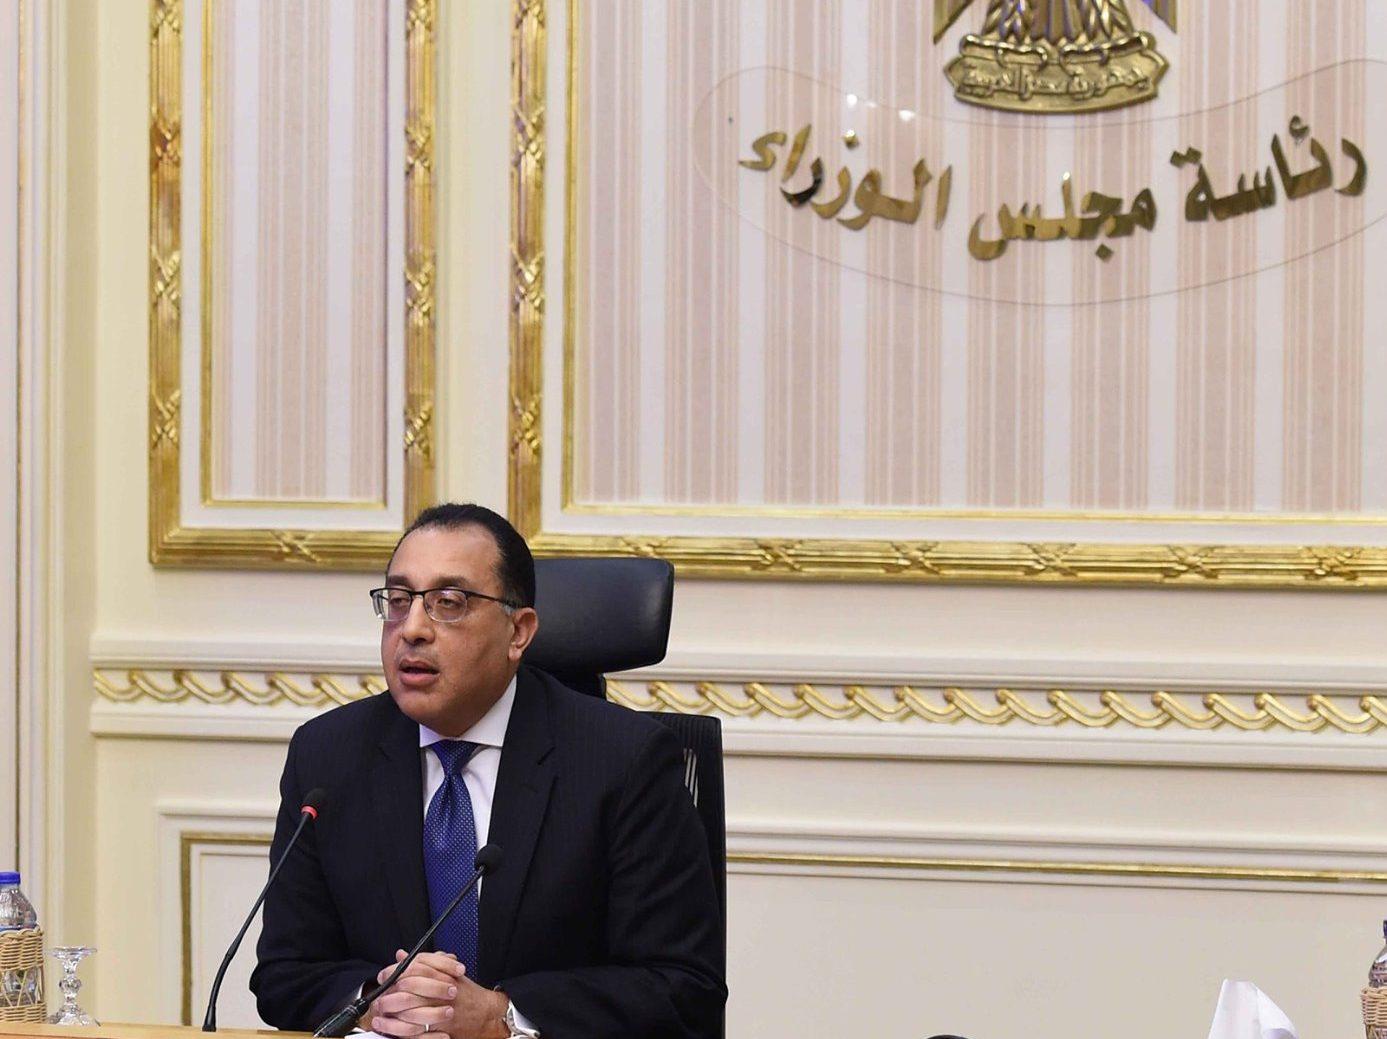 مجلس الوزراء توافق على قرار العفو عن بعض المساجين بمناسبة عيد الفطر